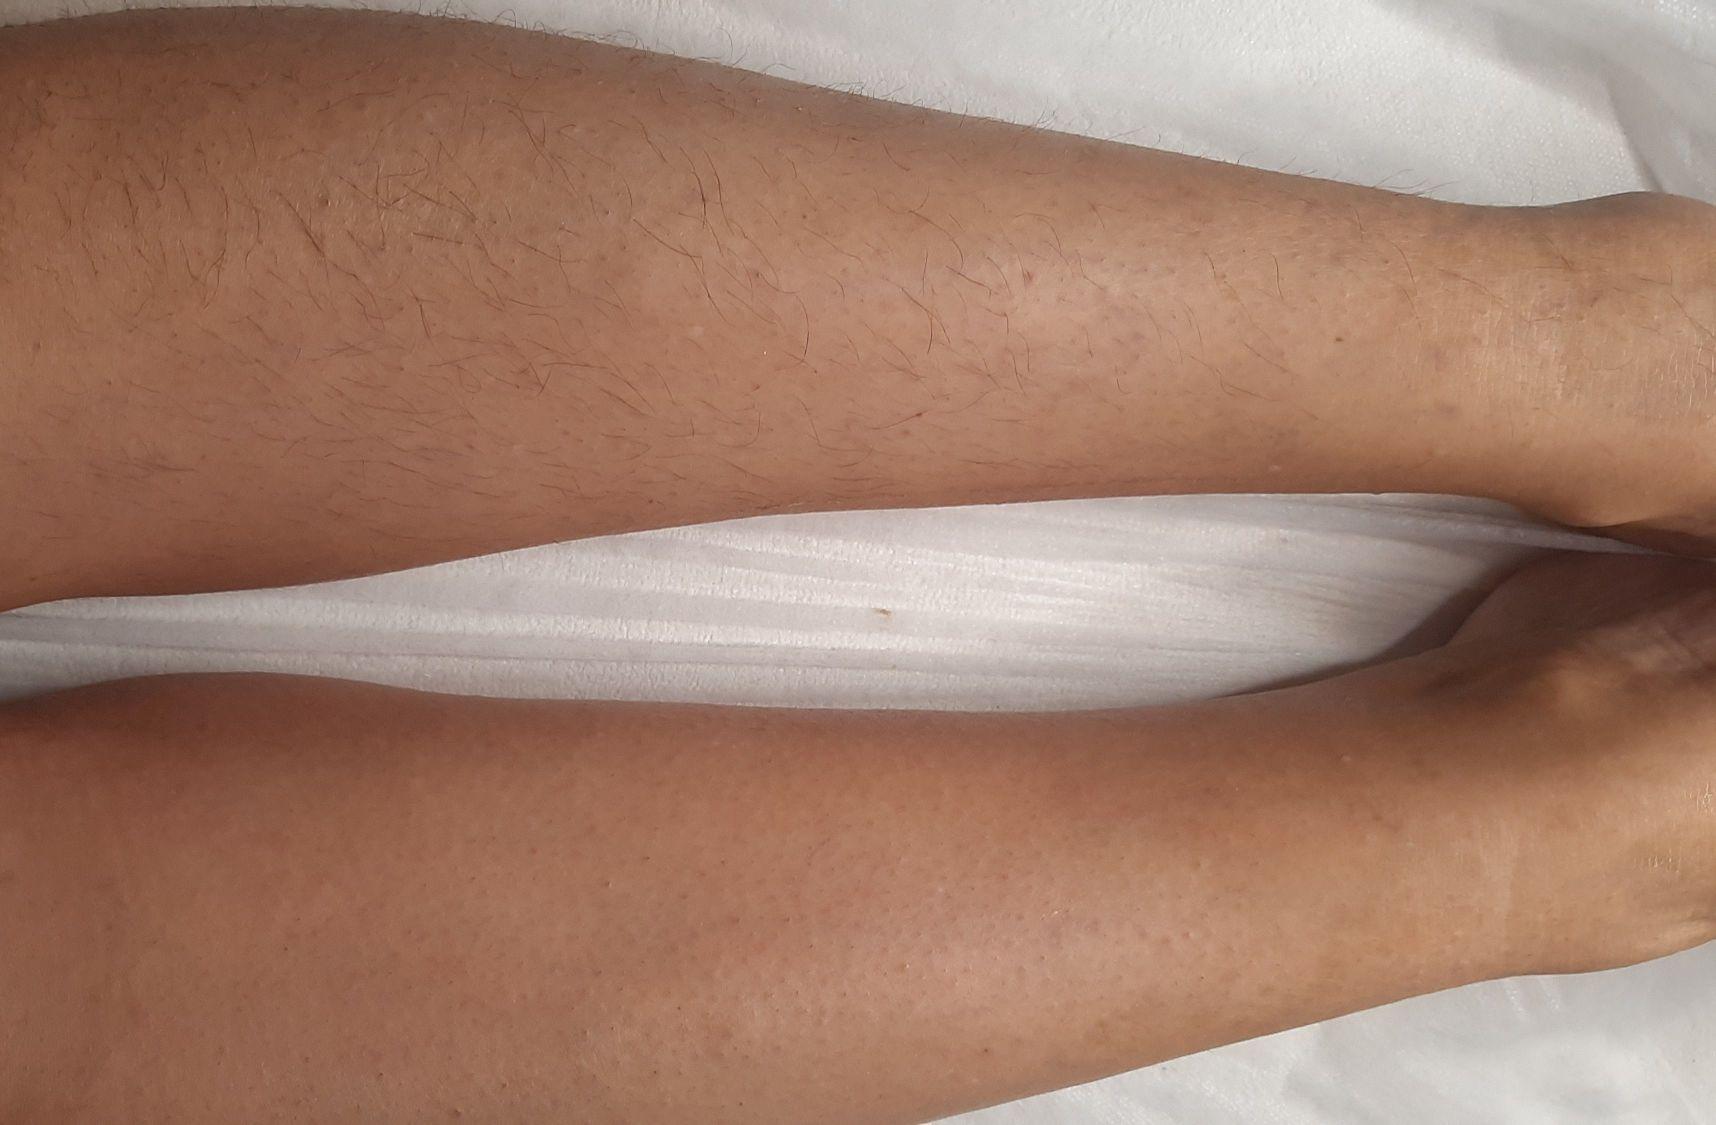 pele íntegra e lisinha por até 30 dias.